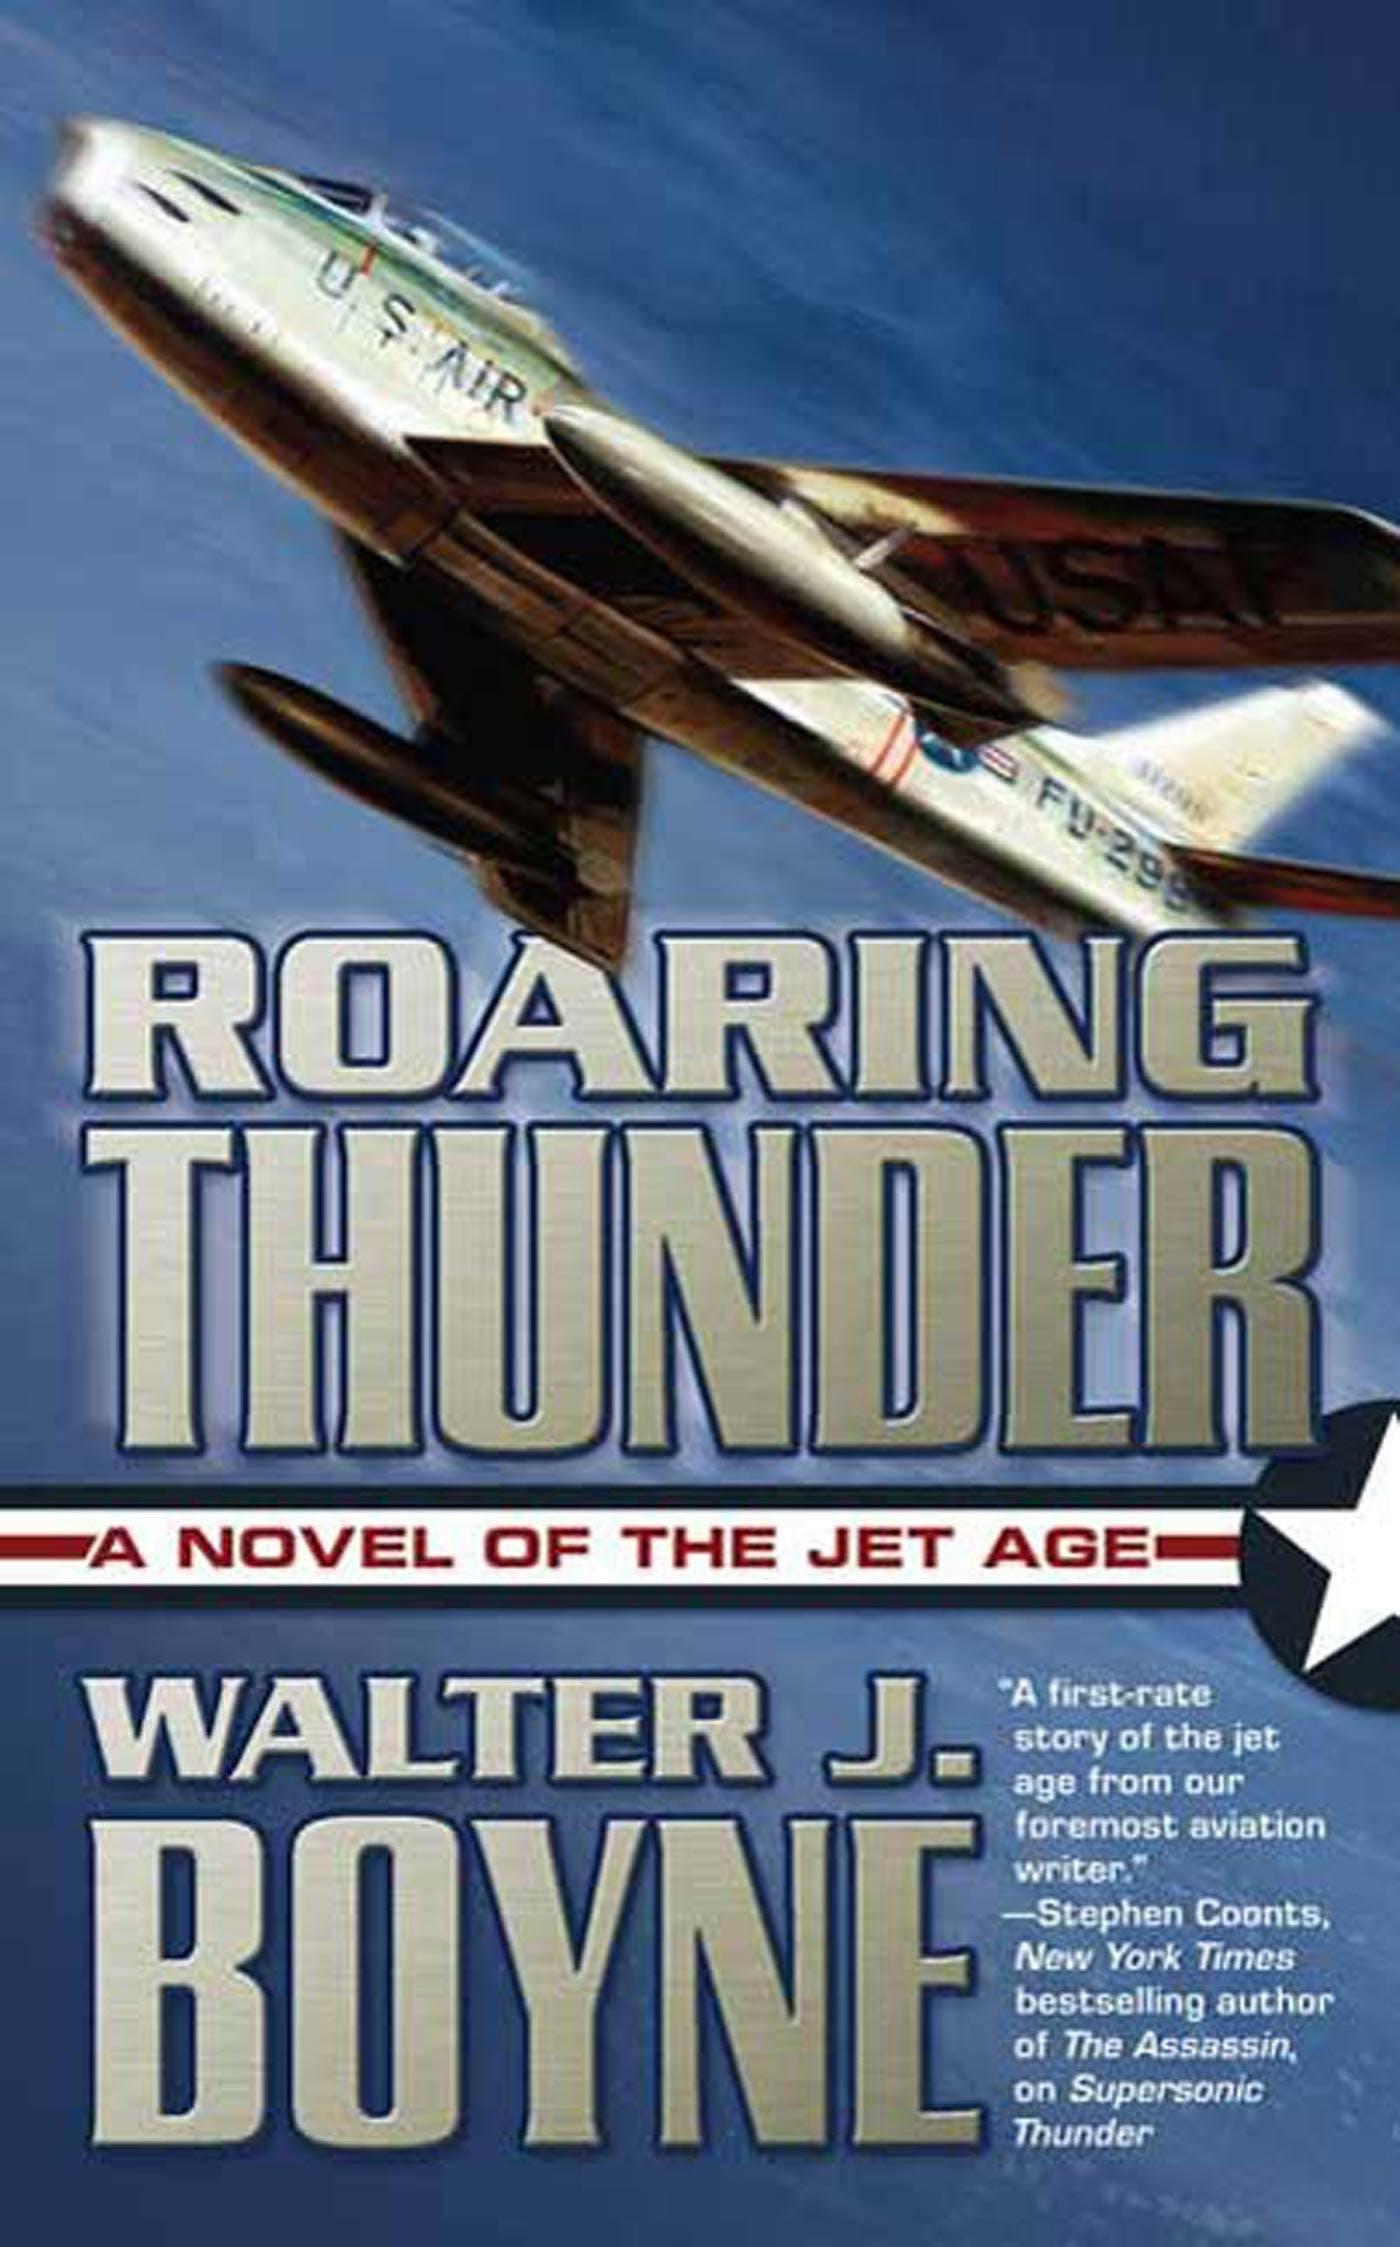 Image of Roaring Thunder